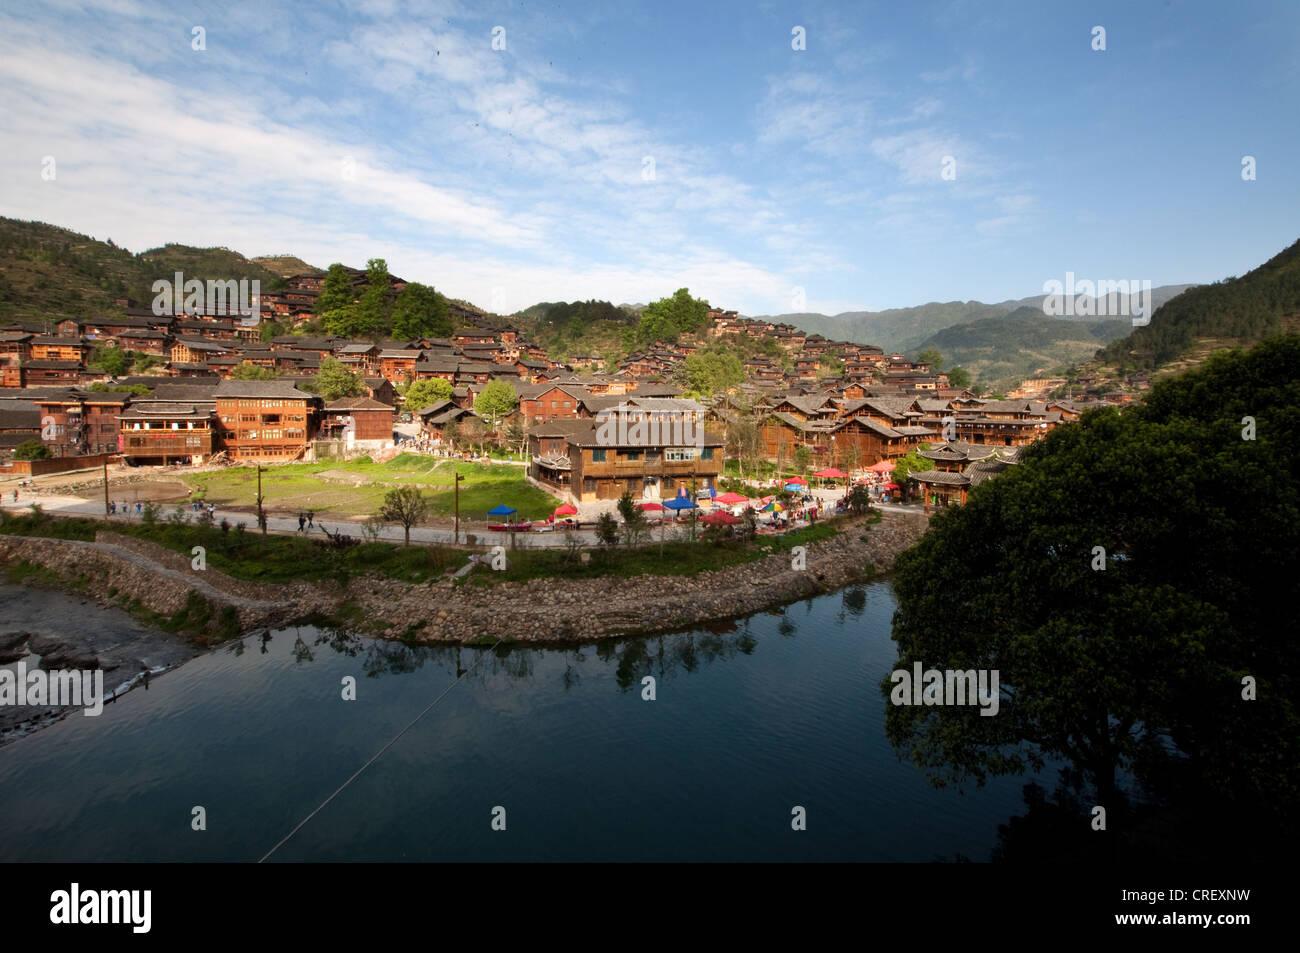 Xijiang Miao village and a bight of Xi River, China - Stock Image